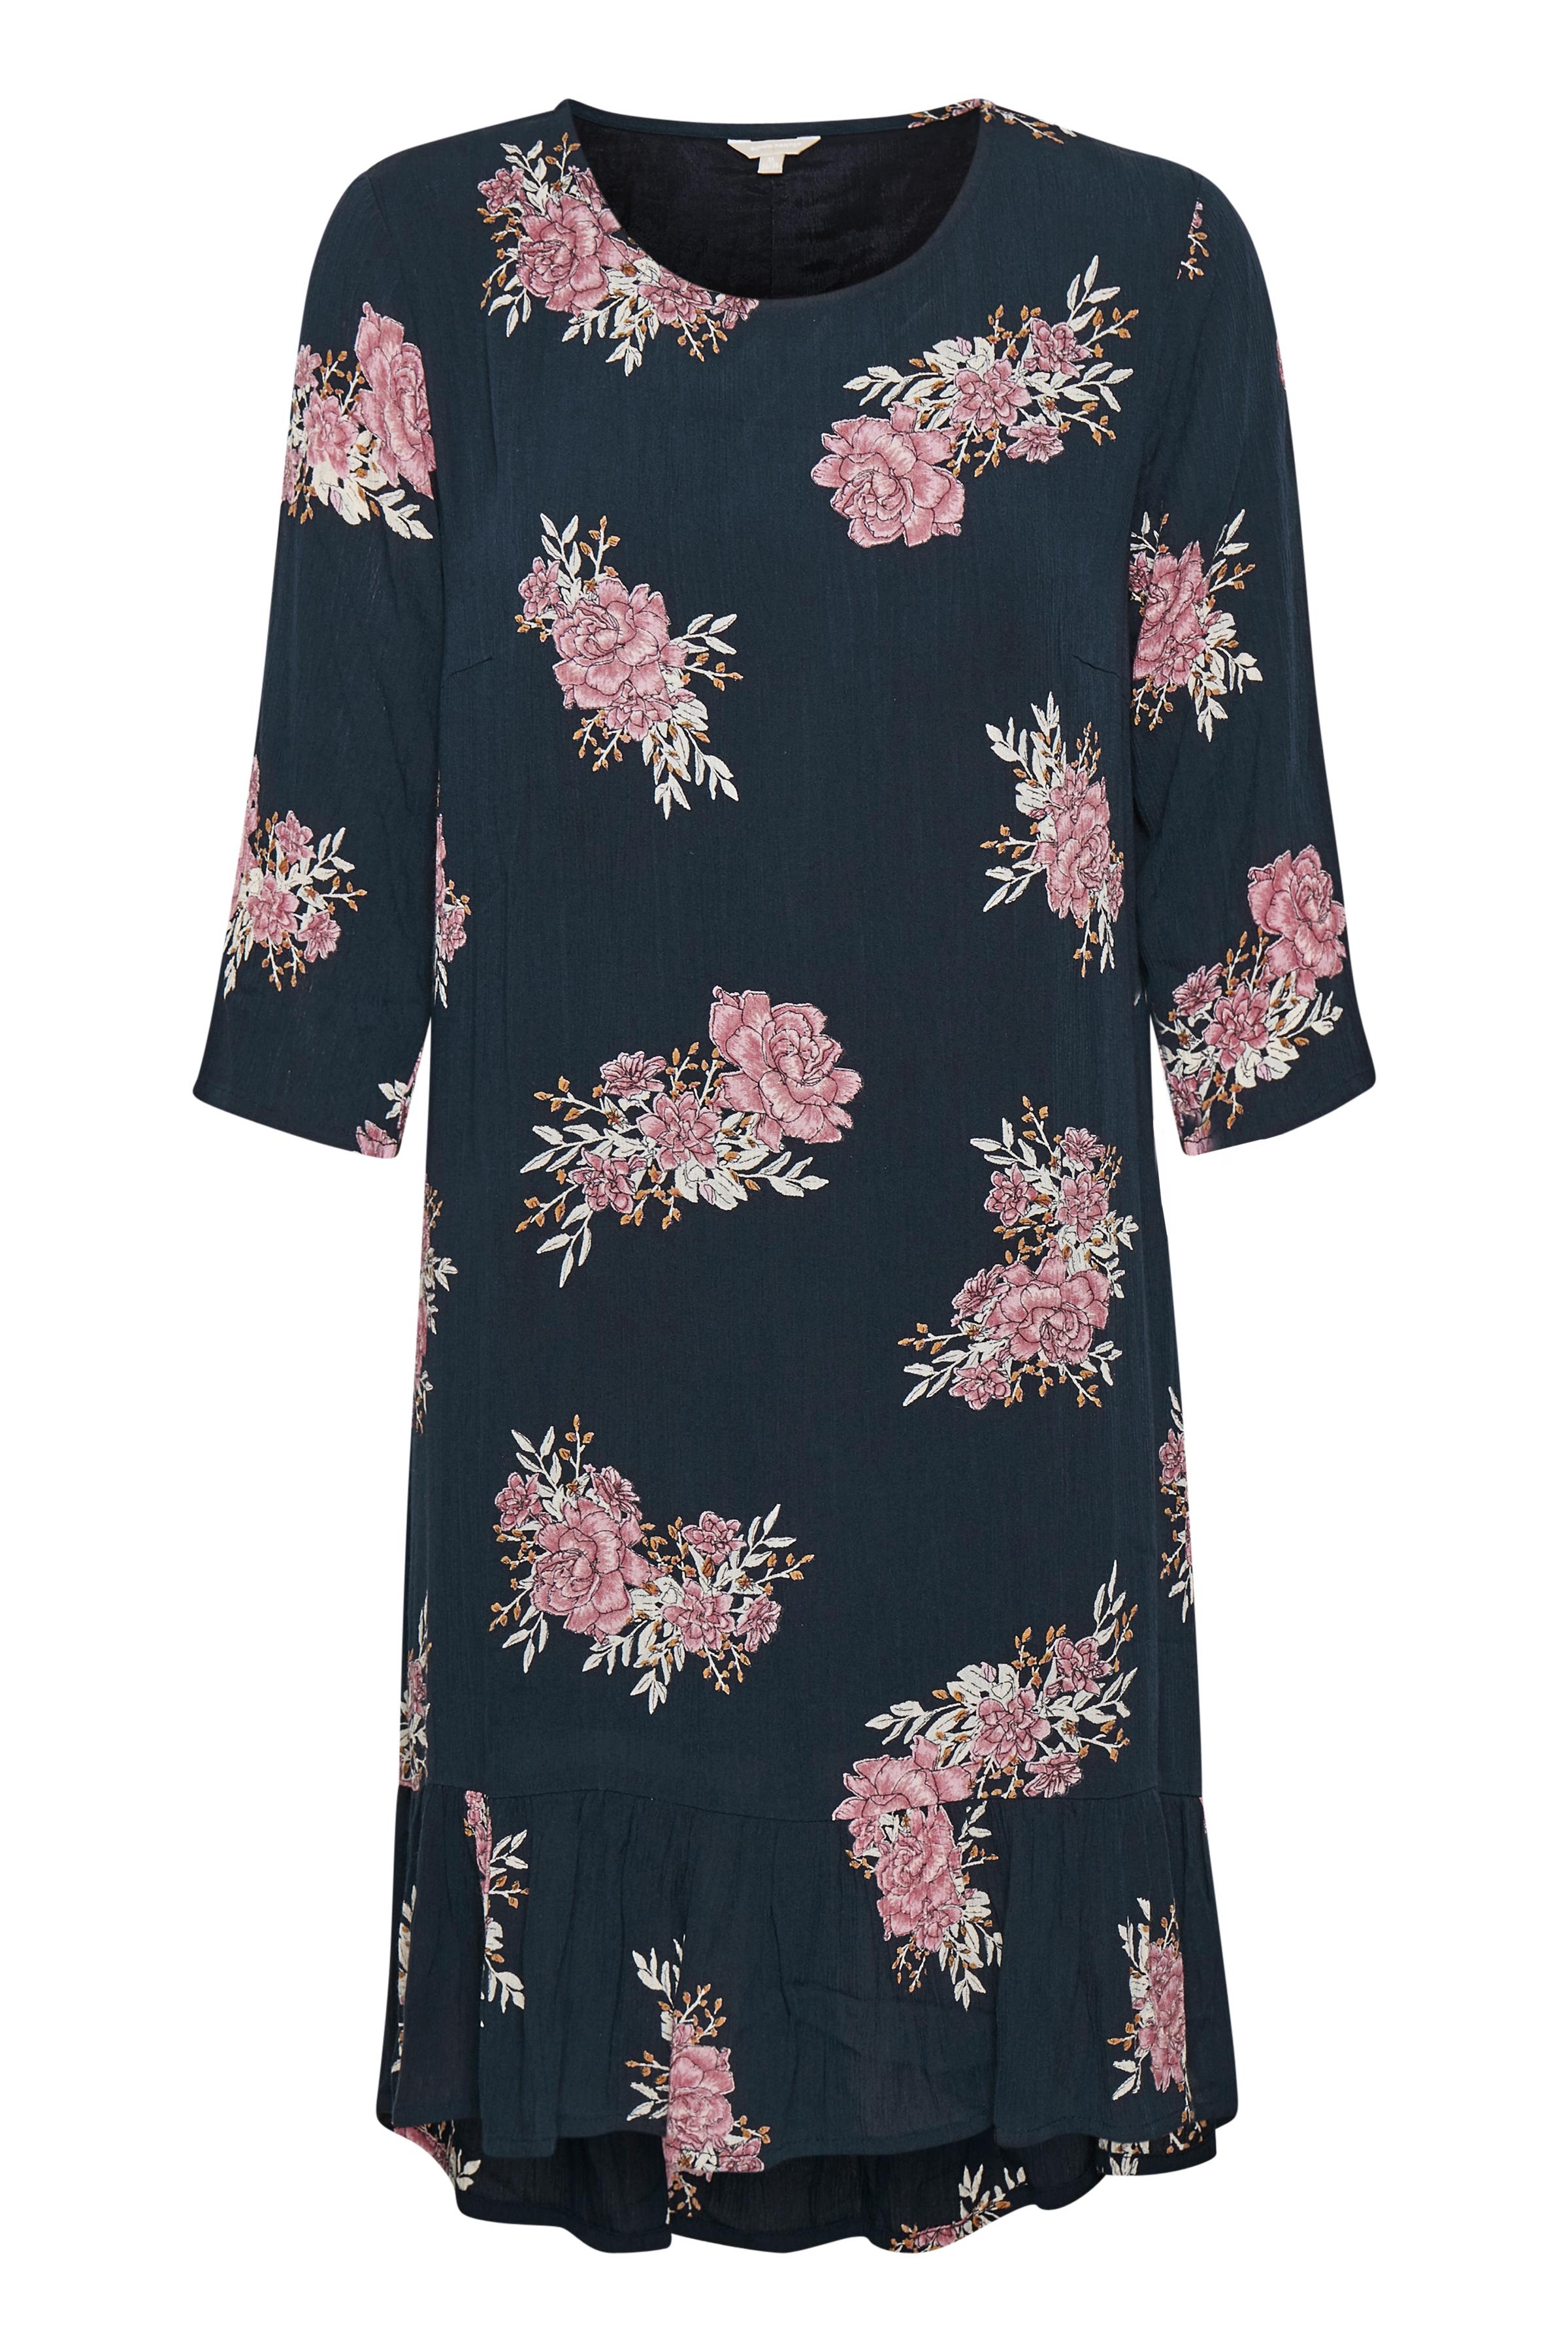 Bon'A Parte Dame BON'A PARTE kjole med rund hals. 3/4-ærmer. Gennemknappet bagtil. All-over print. Flæse forneden. Kjolen  - Marineblå/rosa